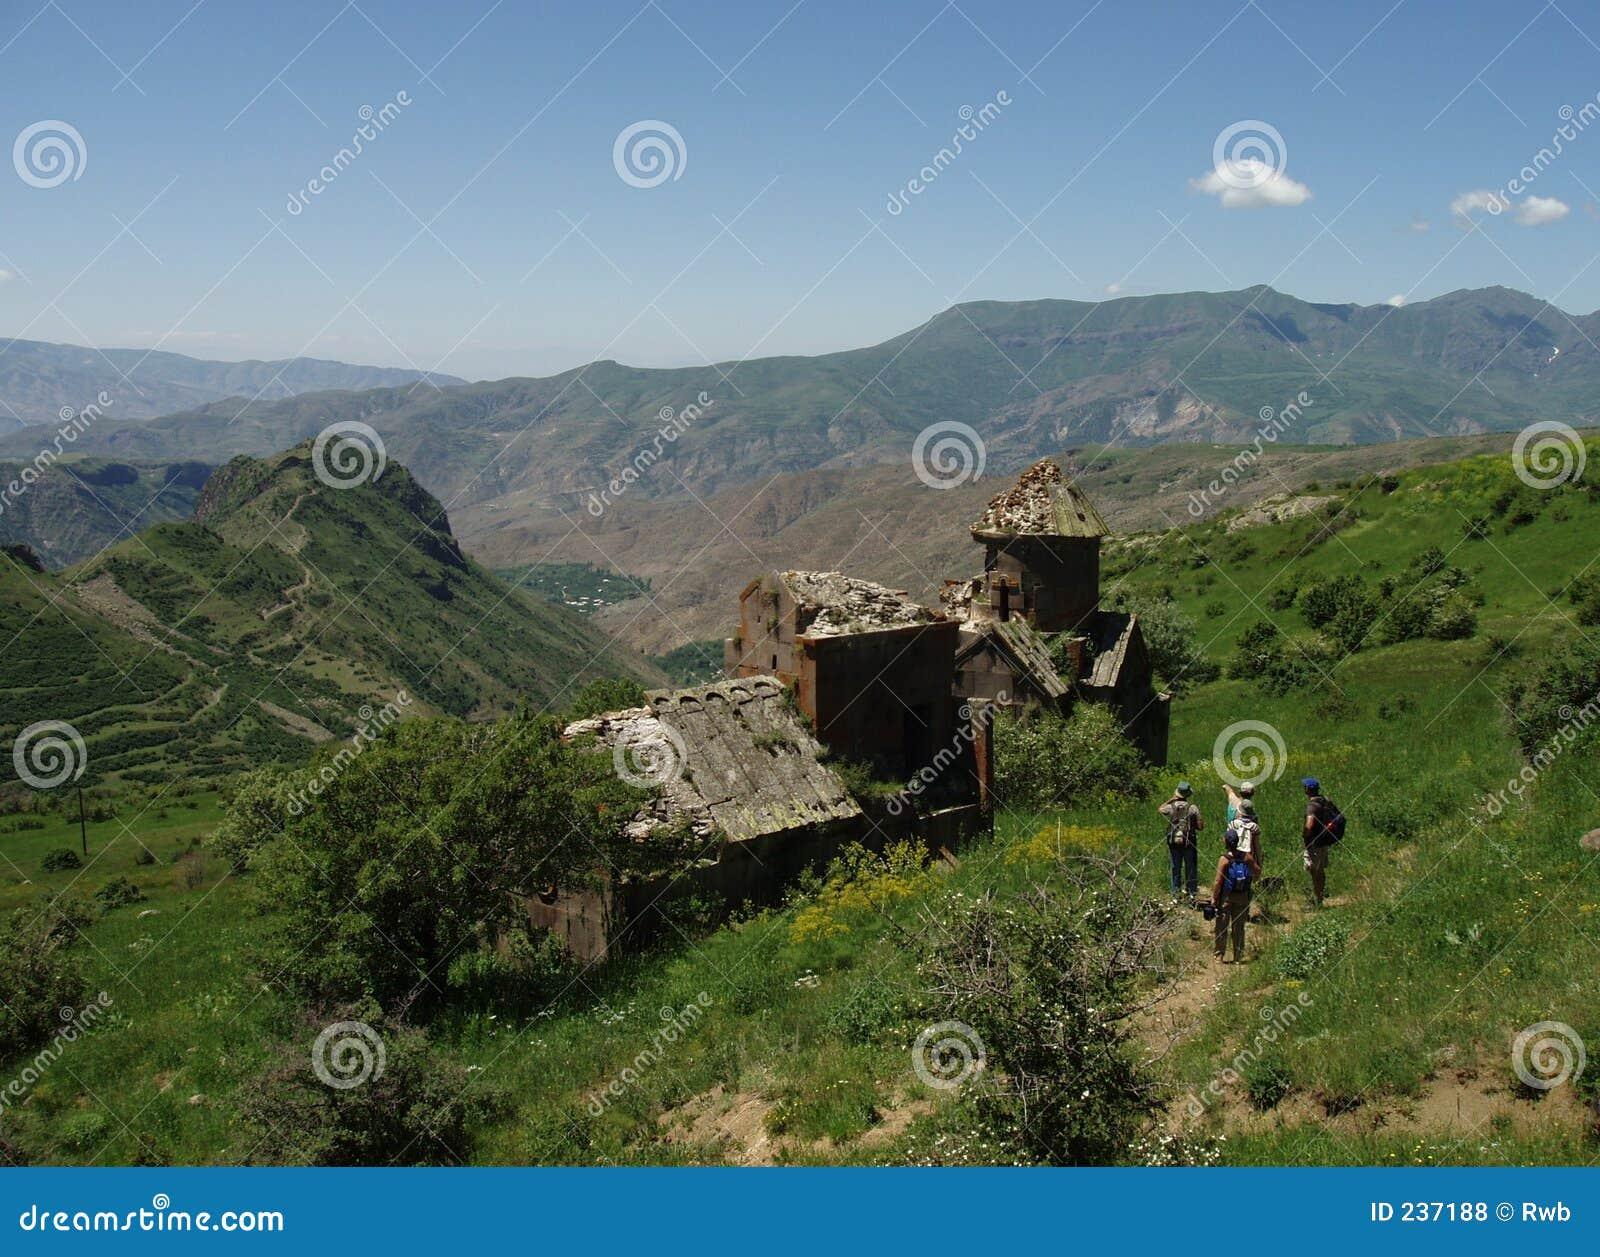 Hikers at Medieval Church Ruins